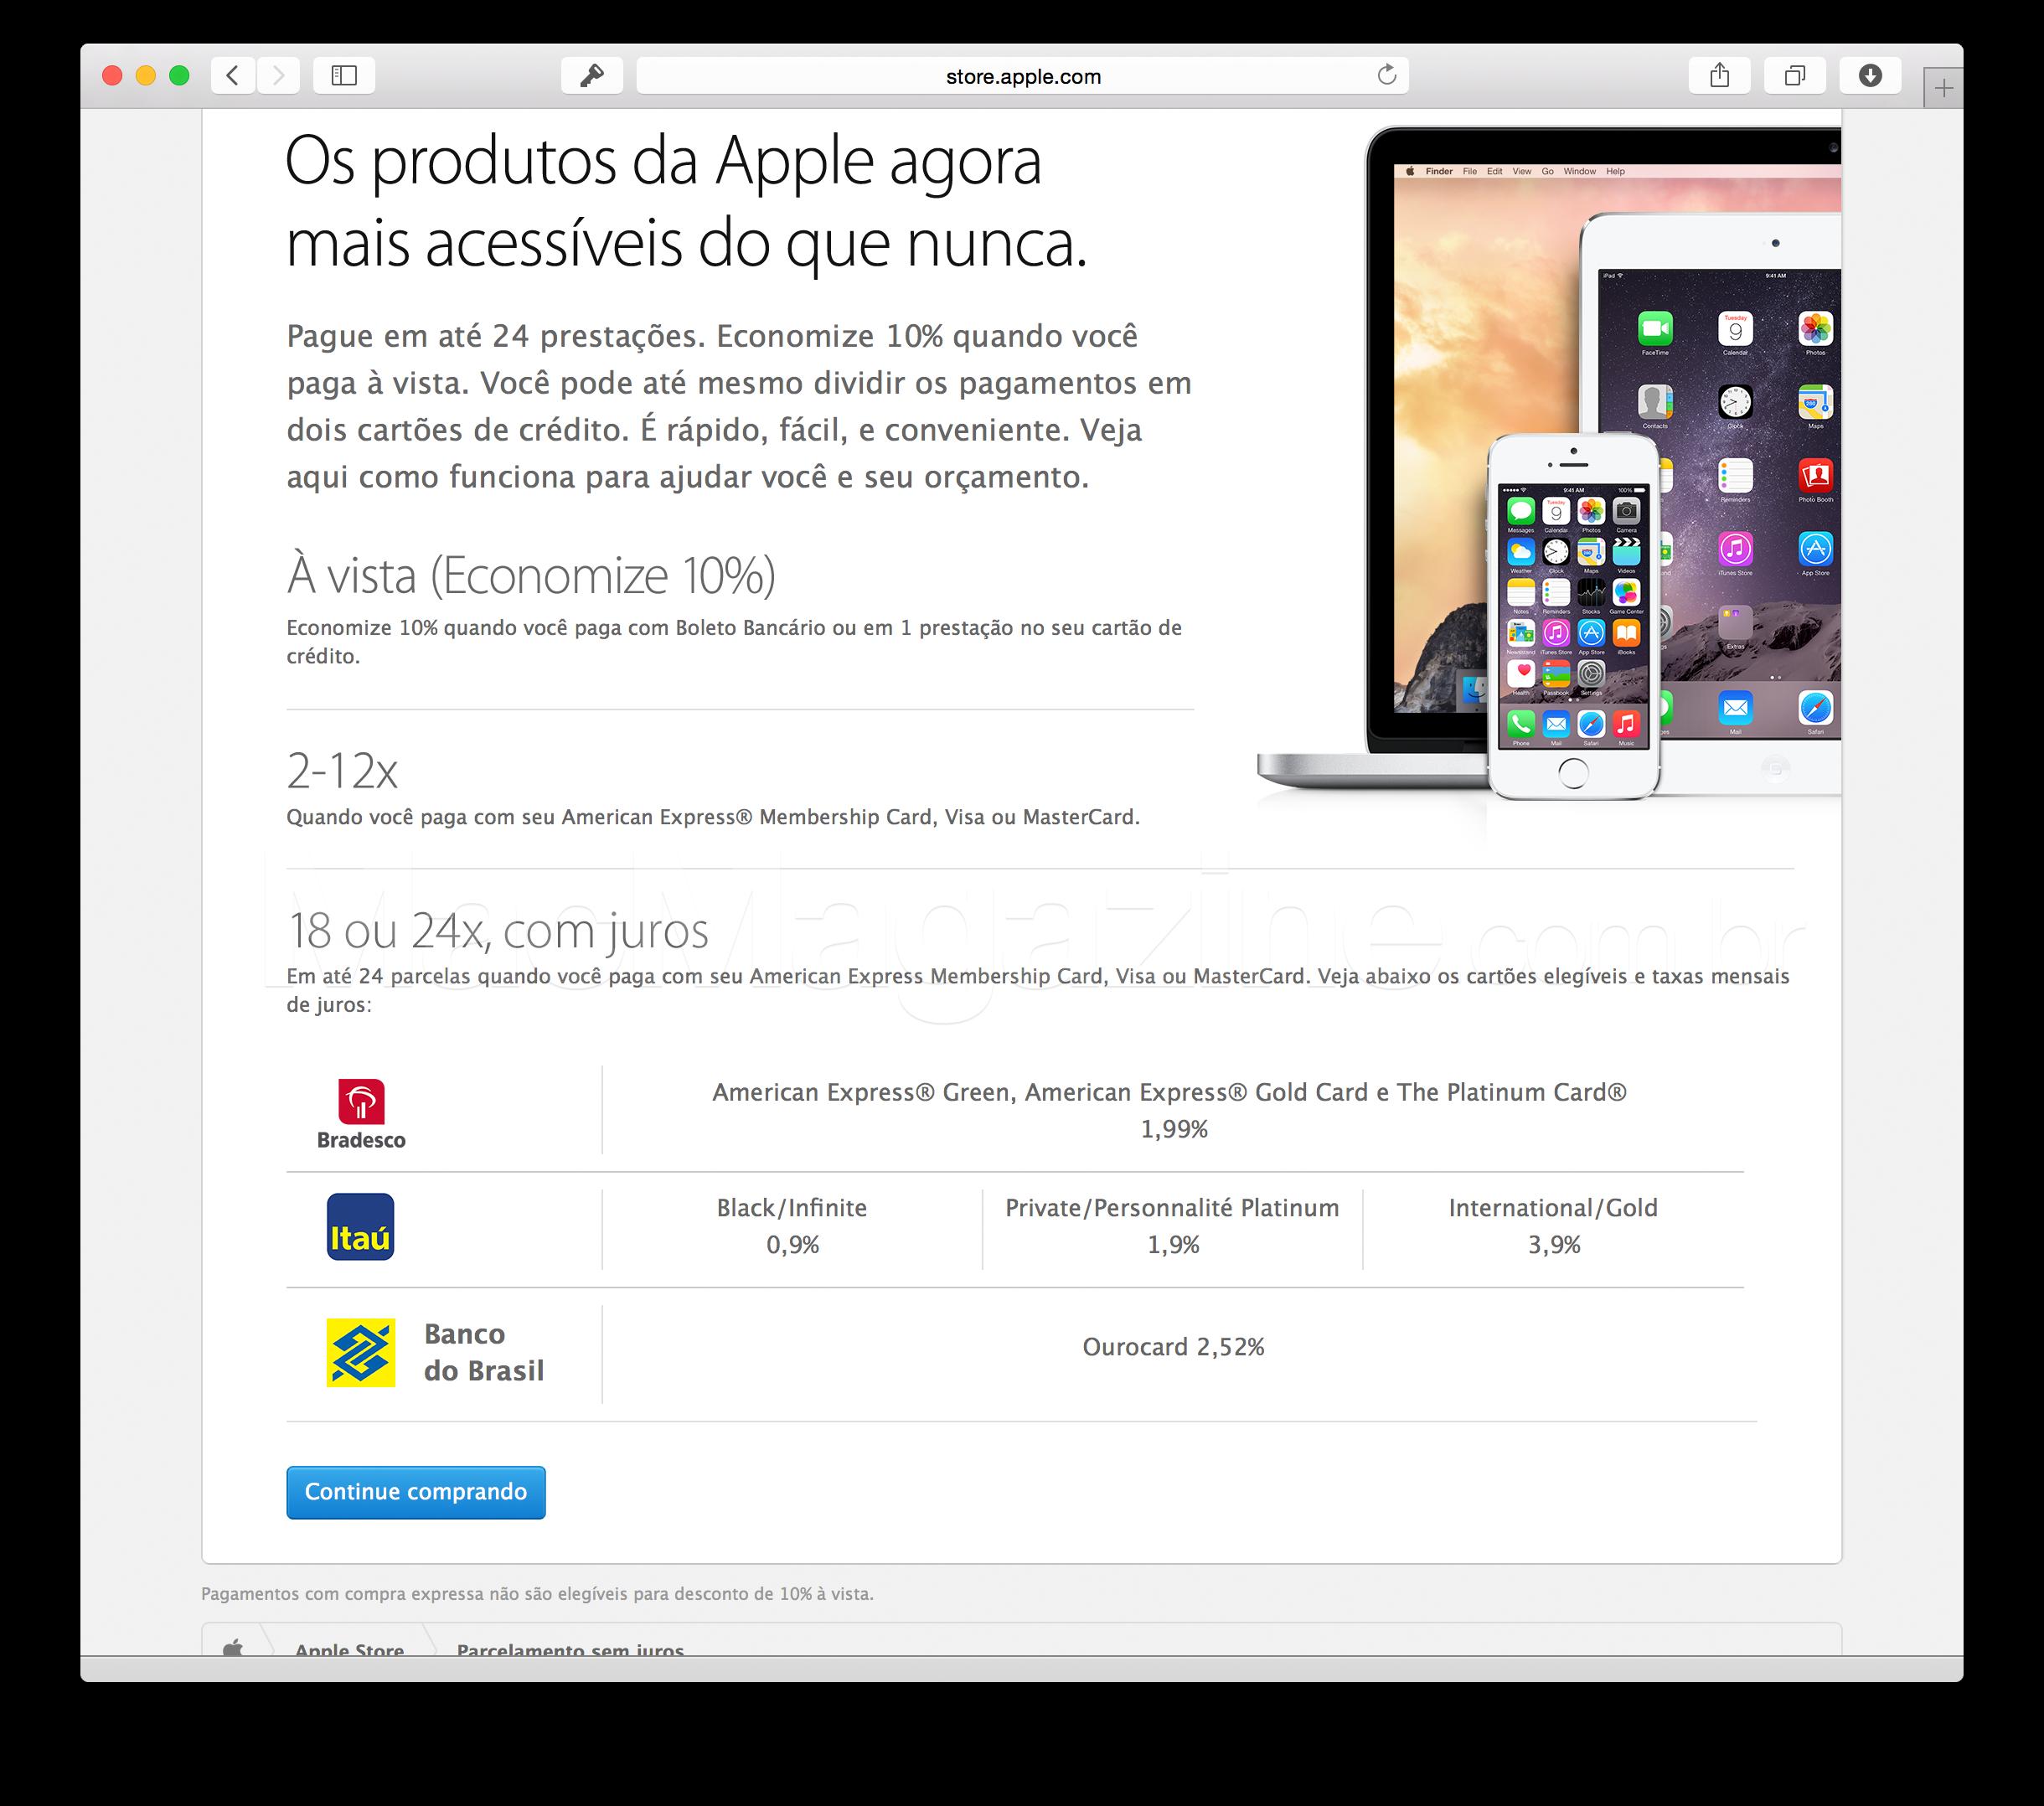 Parcelamento em até 24 vezes da Apple Brasil